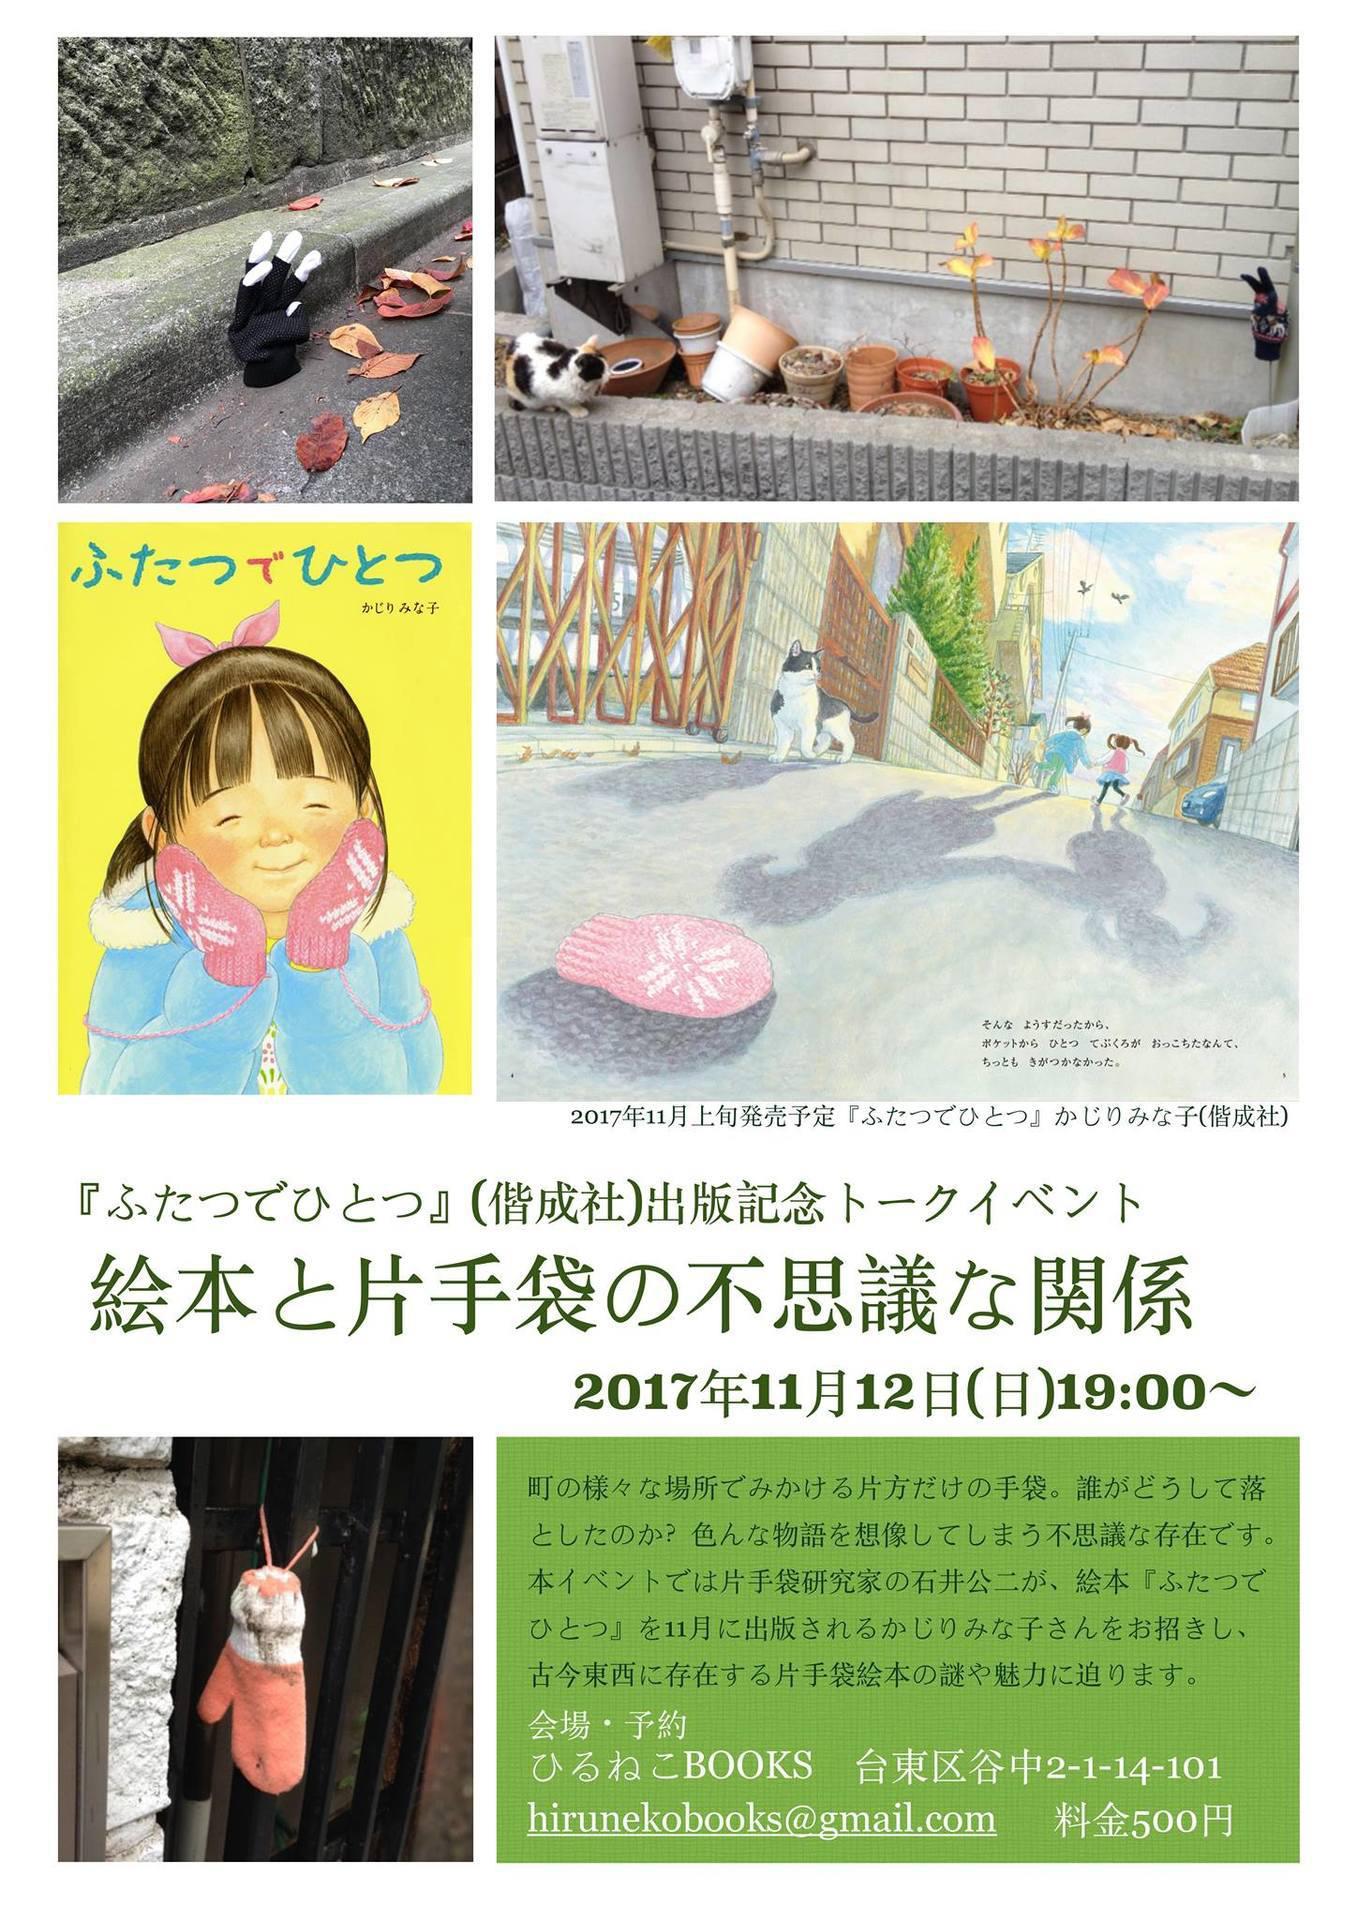 『ふたつでひとつ』出版記念トークイベント 絵本と片手袋の不思議な関係